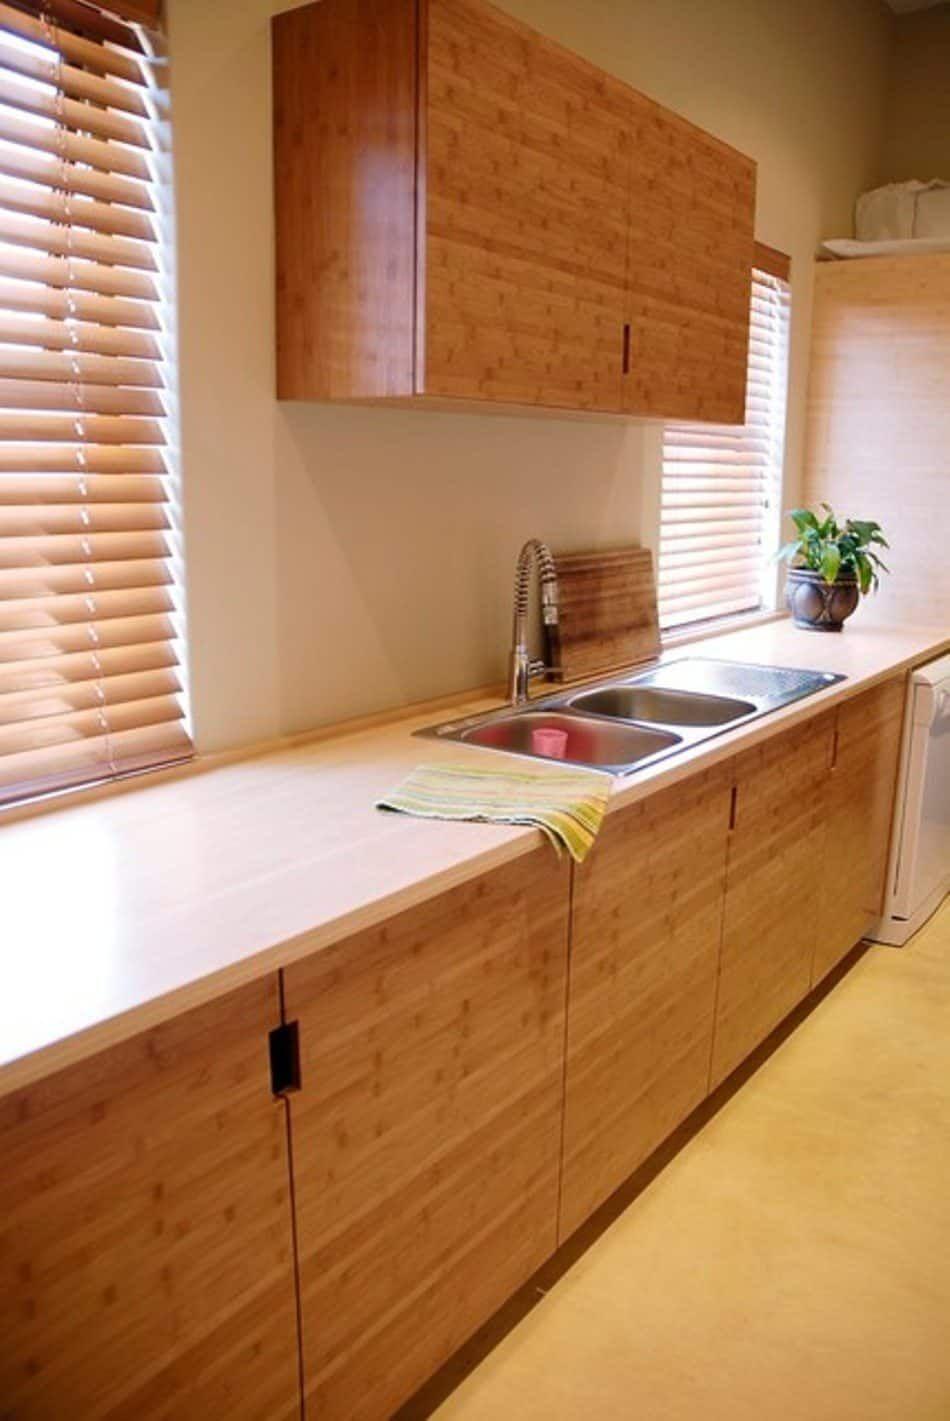 Herausragende Und Eco Friendly Bamboo Arbeitsplatten Kuchenzeile Die Erste Art Von Bambus Arbeitsplatten Sind Eigen Minimalist Kitchen Countertops Cabinet